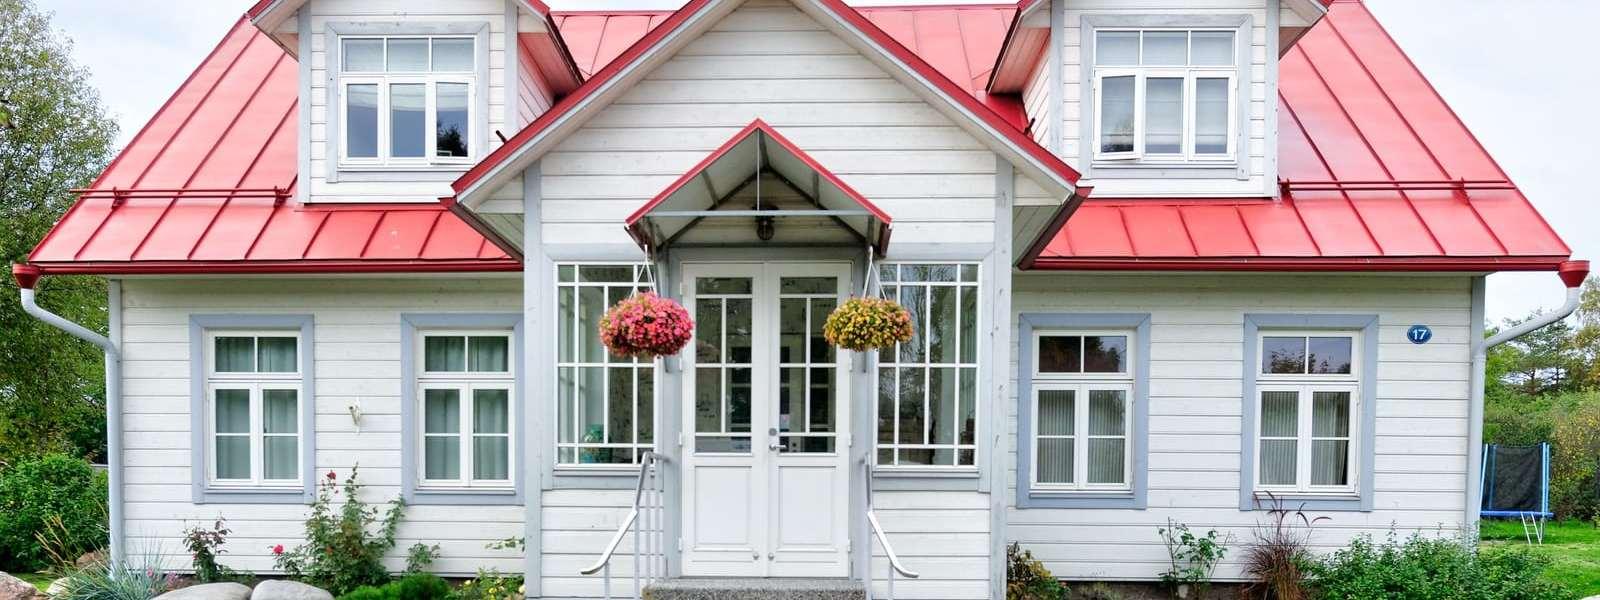 Calcul des mensualités de prêt immobilier